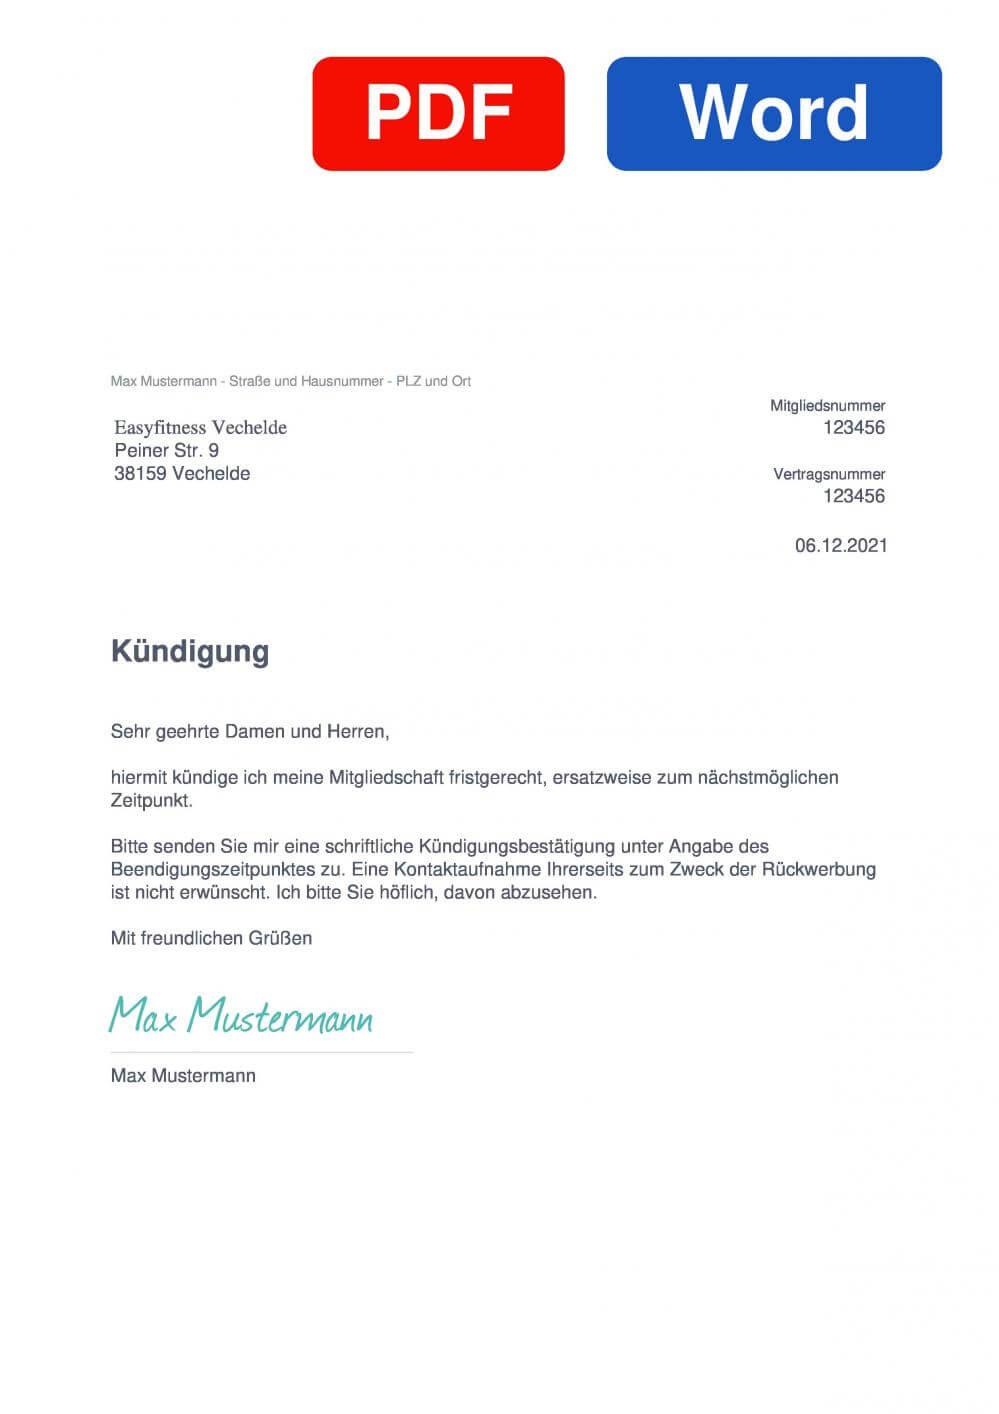 EASYFITNESS Vechelde Muster Vorlage für Kündigungsschreiben